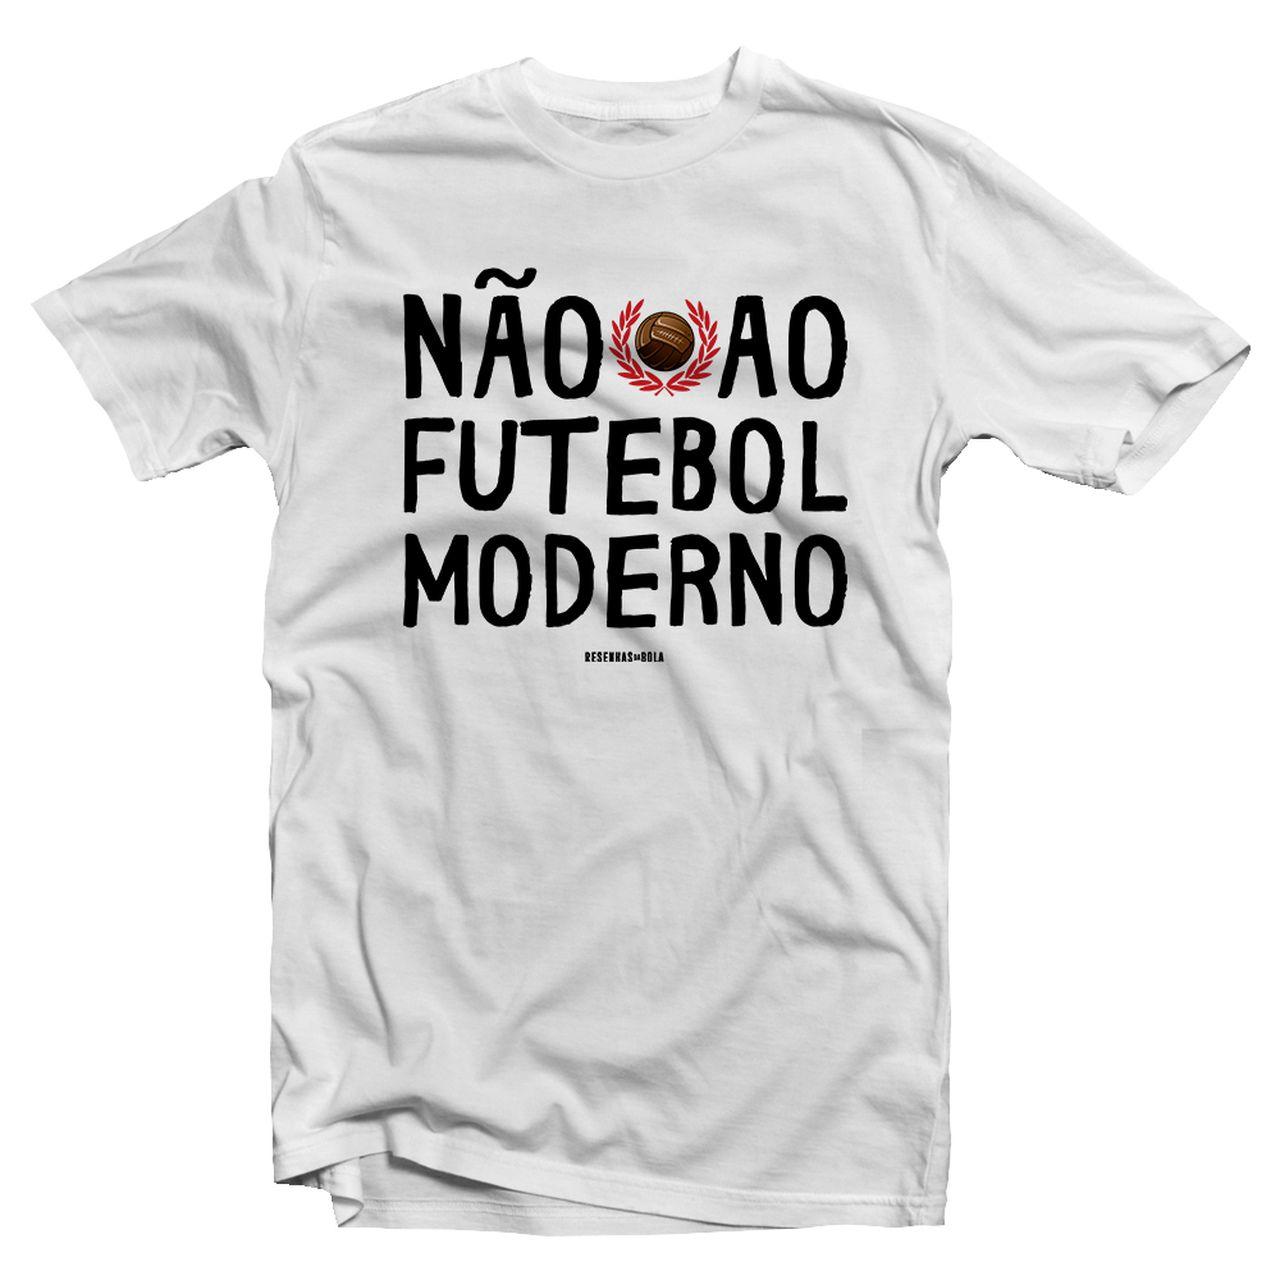 Camiseta - NÃO AO FUTEBOL MODERNO. Masculino